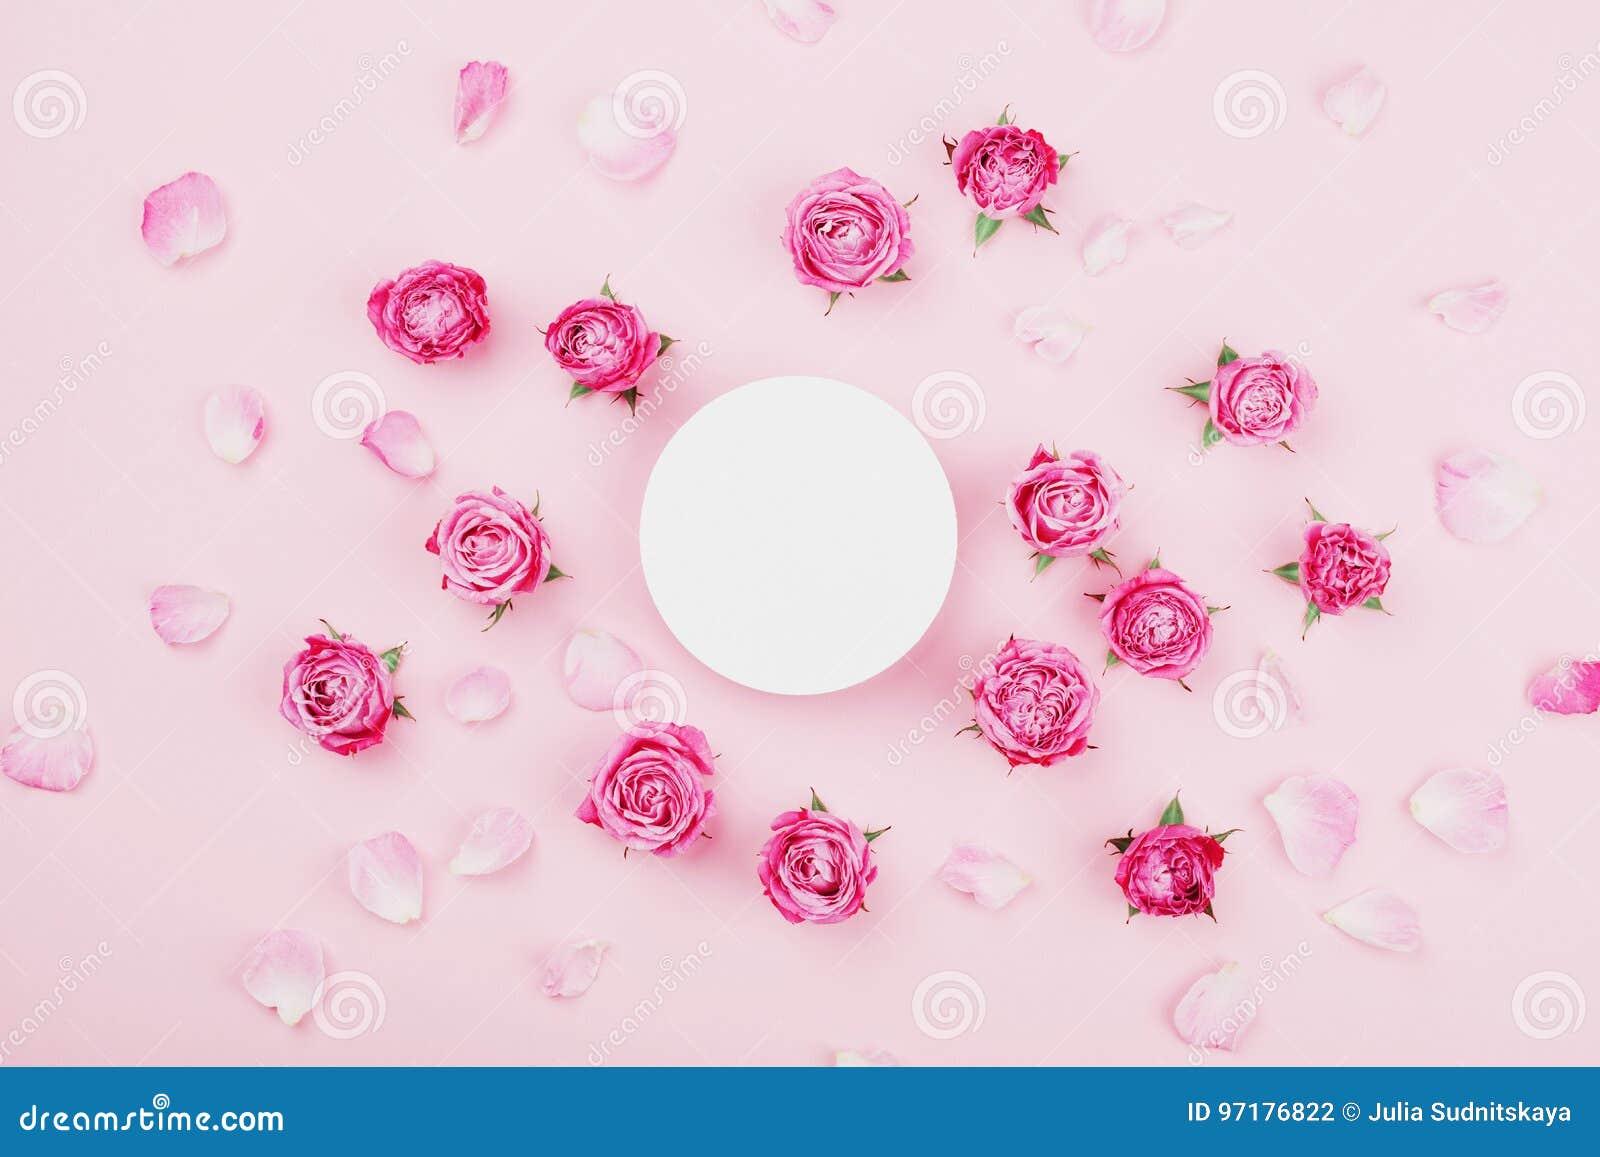 Το άσπρο στρογγυλό κενό, ρόδινο αυξήθηκε λουλούδια και πέταλα για τη SPA ή το γαμήλιο πρότυπο στη τοπ άποψη υποβάθρου κρητιδογραφ